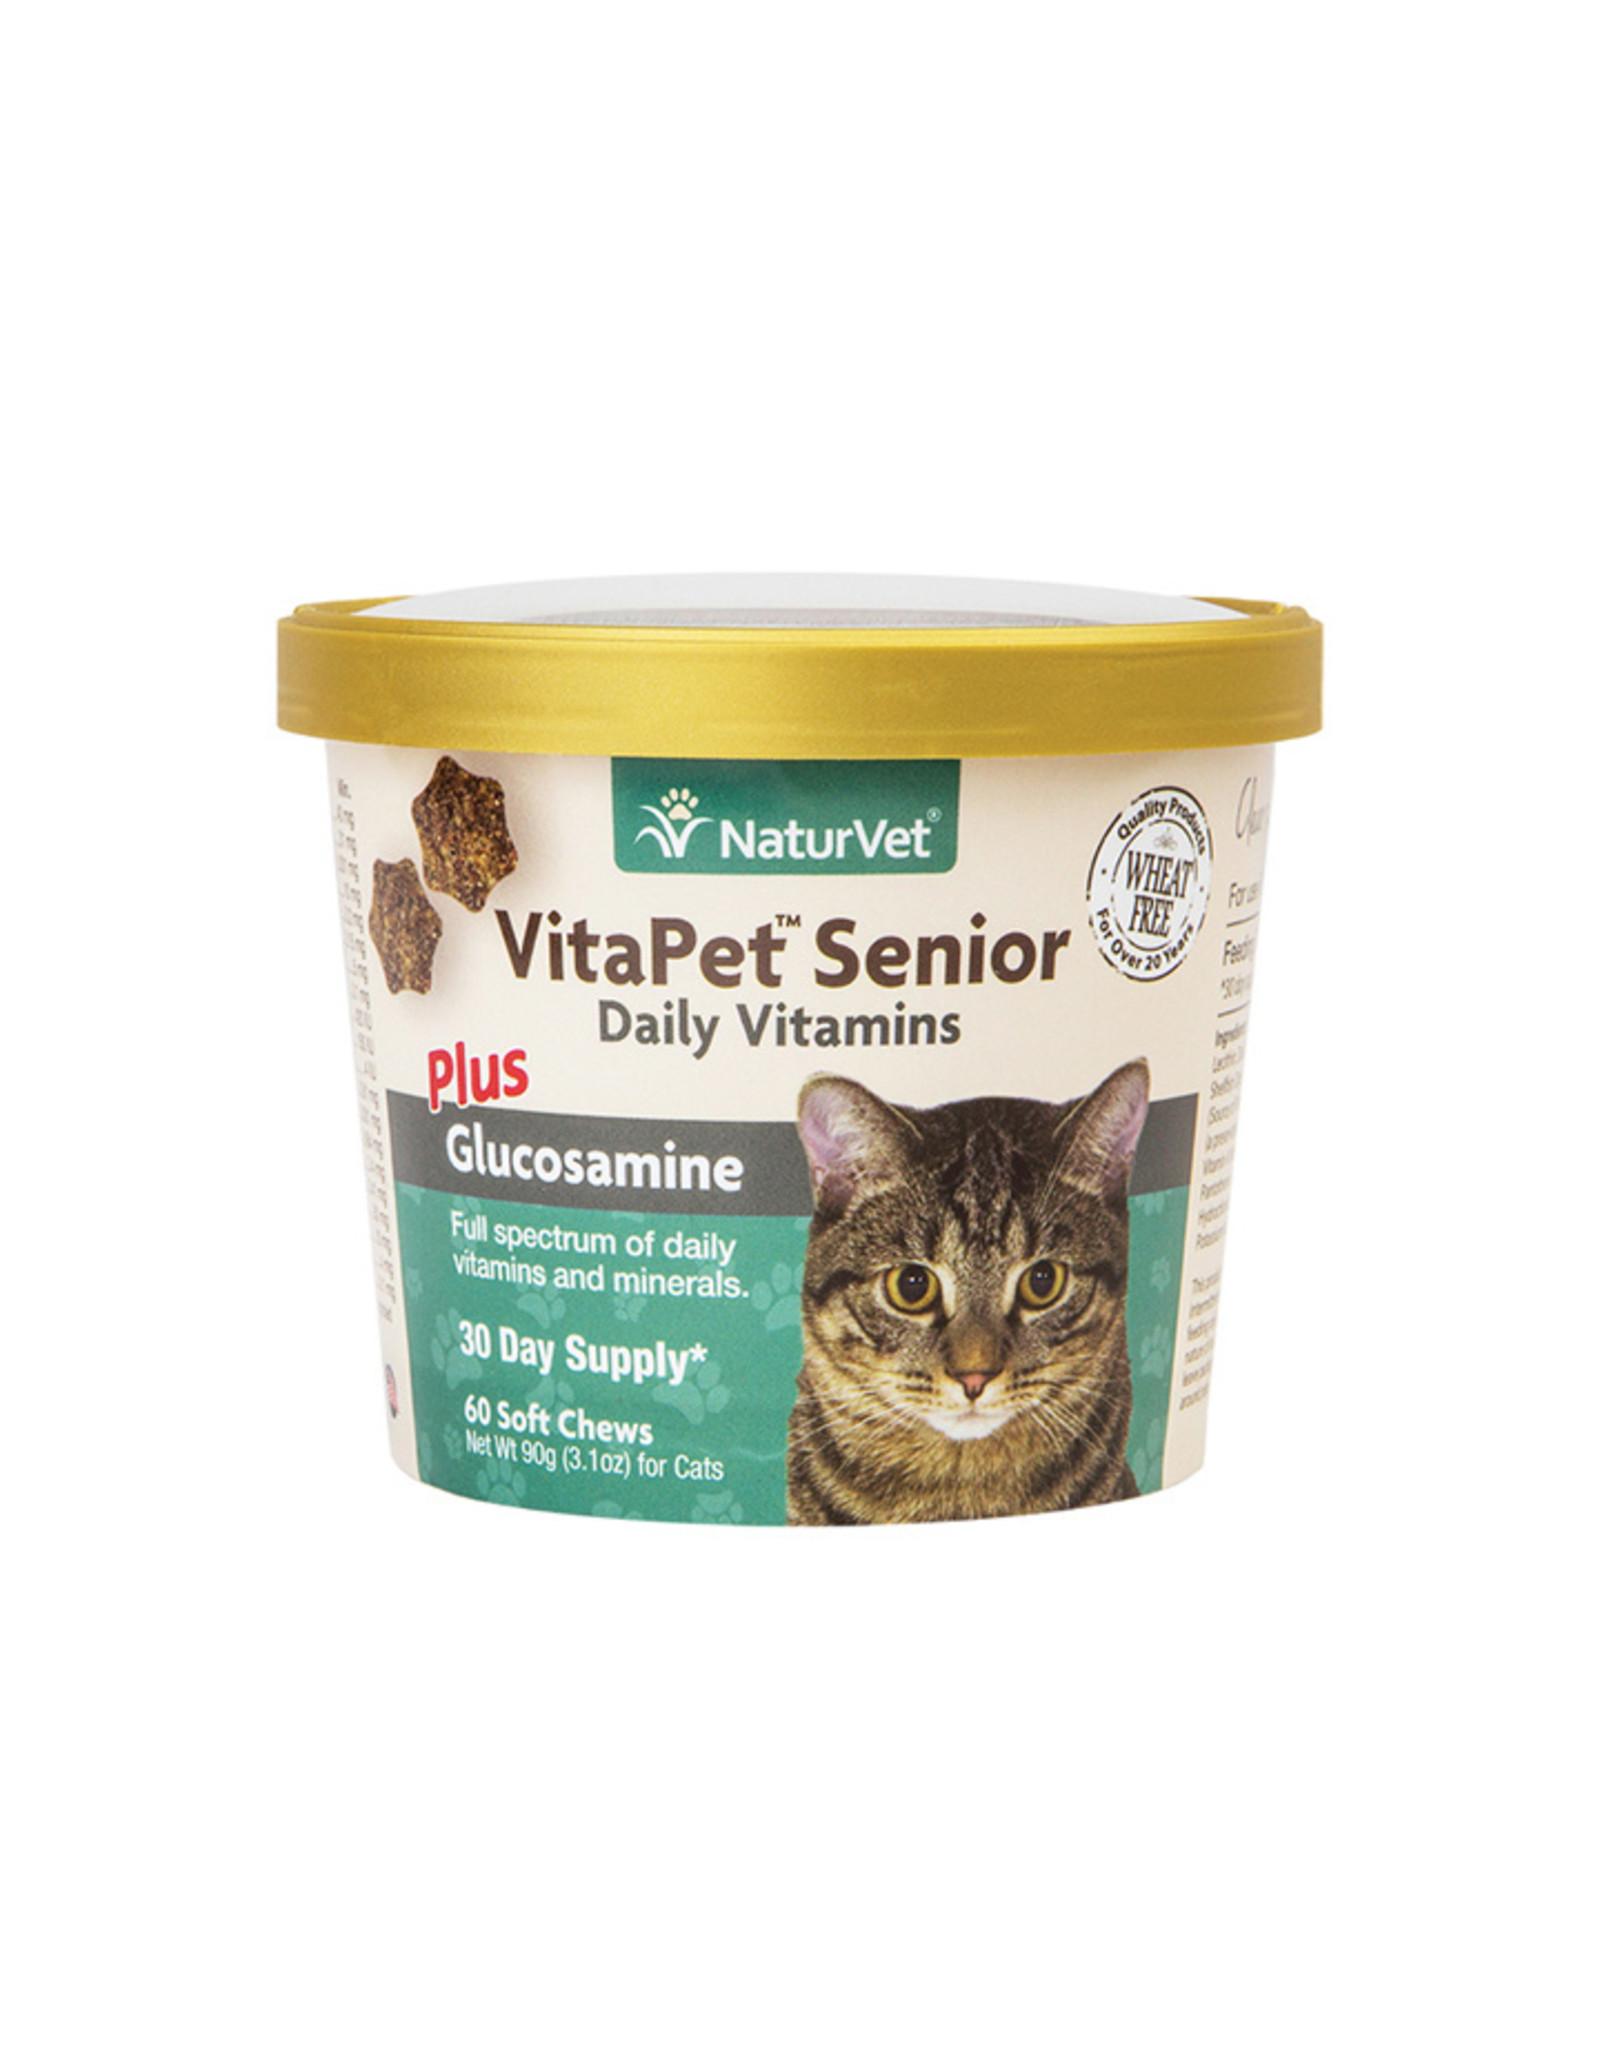 naturVet NaturVet Cat VitaPet Senior Daily Vitamins plus Glucosamine Chew 60ct